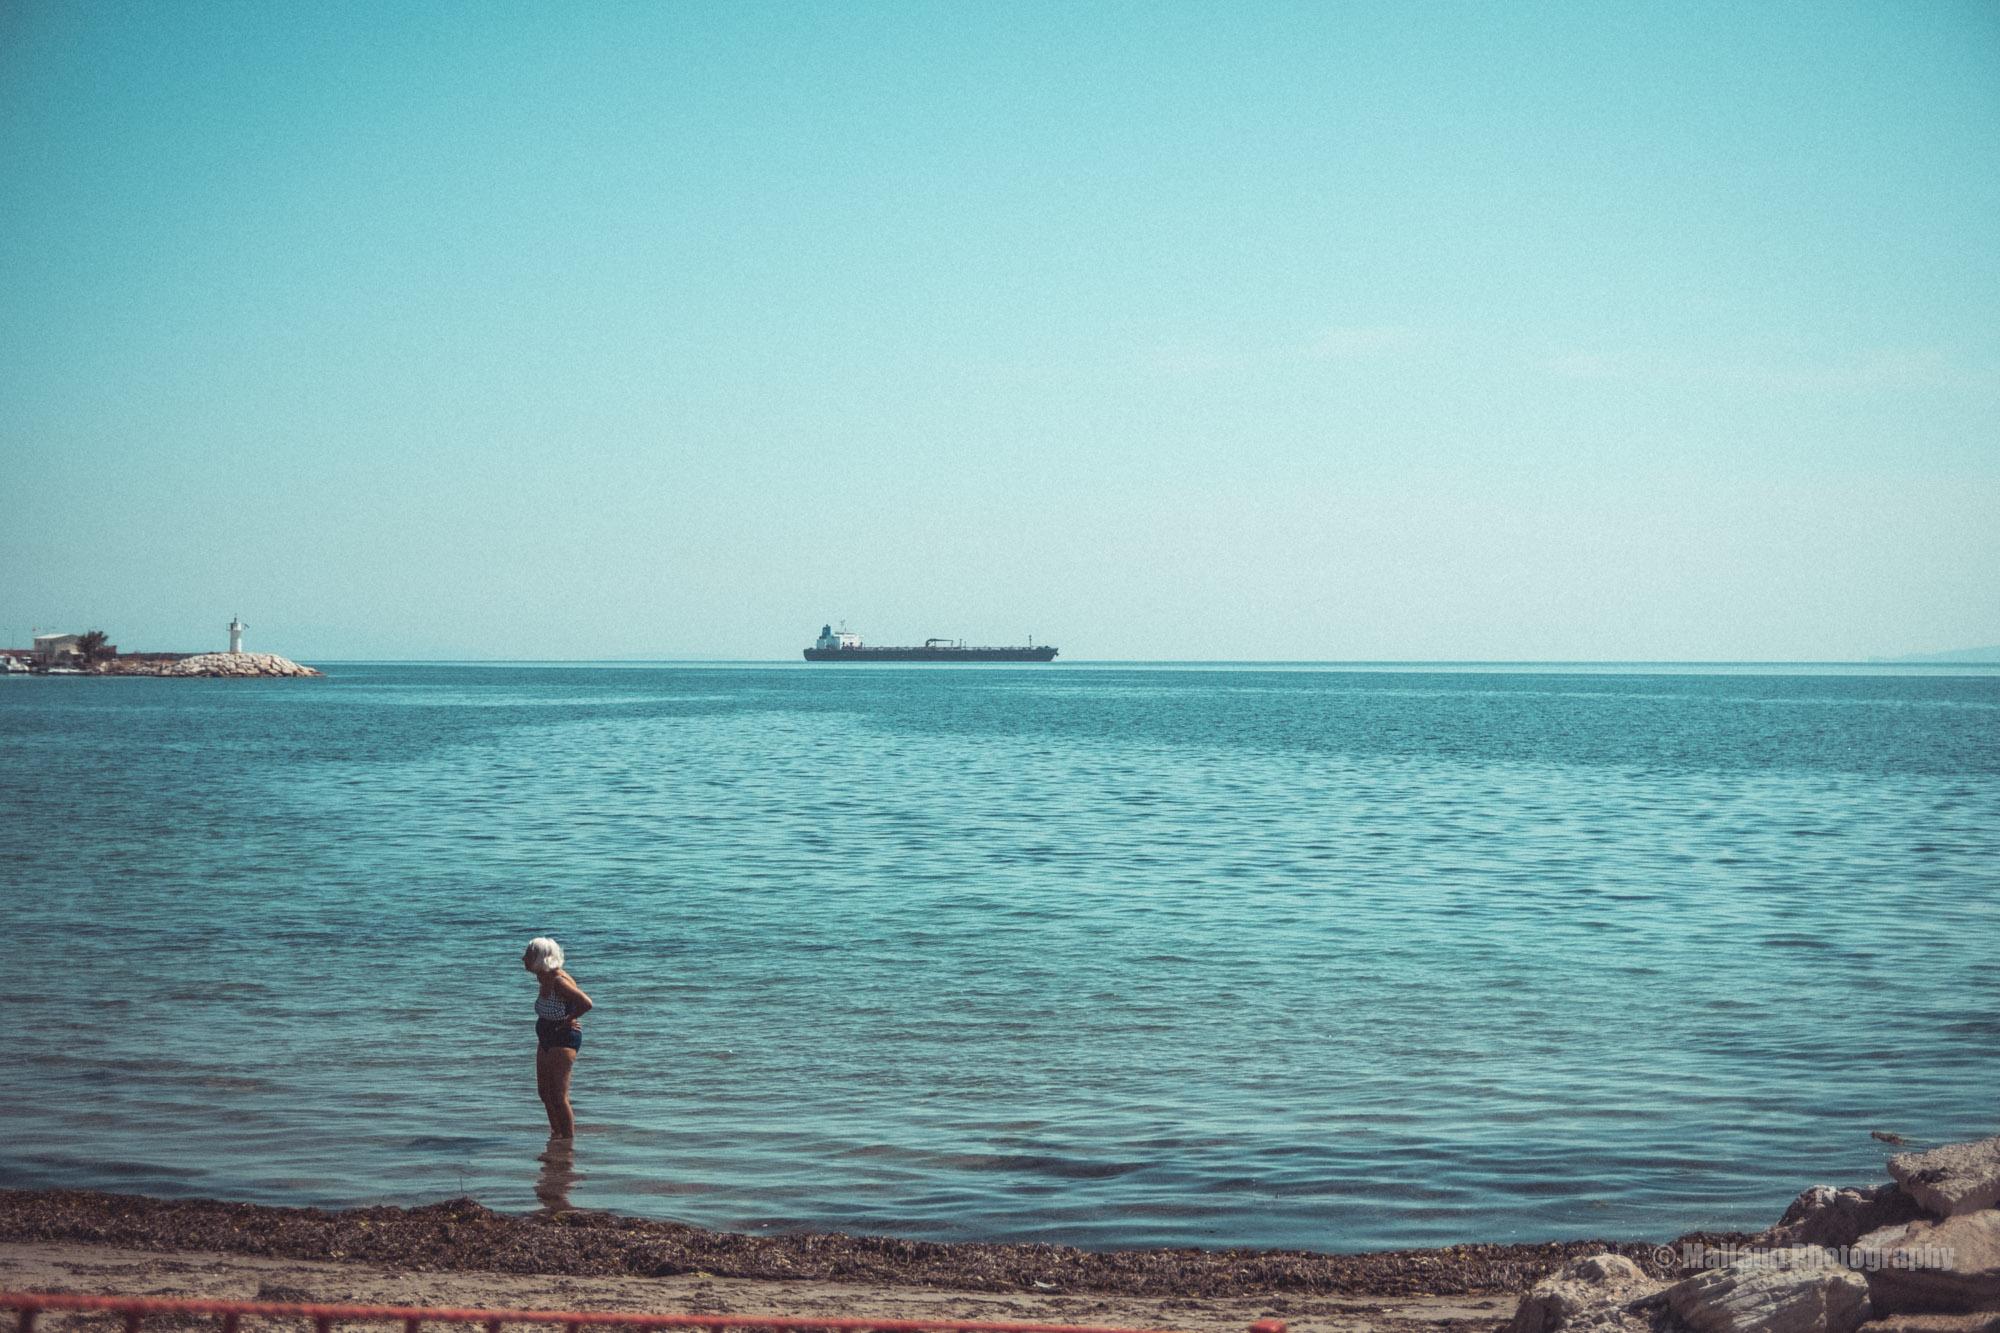 Oma am Strand mit Oeltanker im Hintergrund © Mallaun Photography